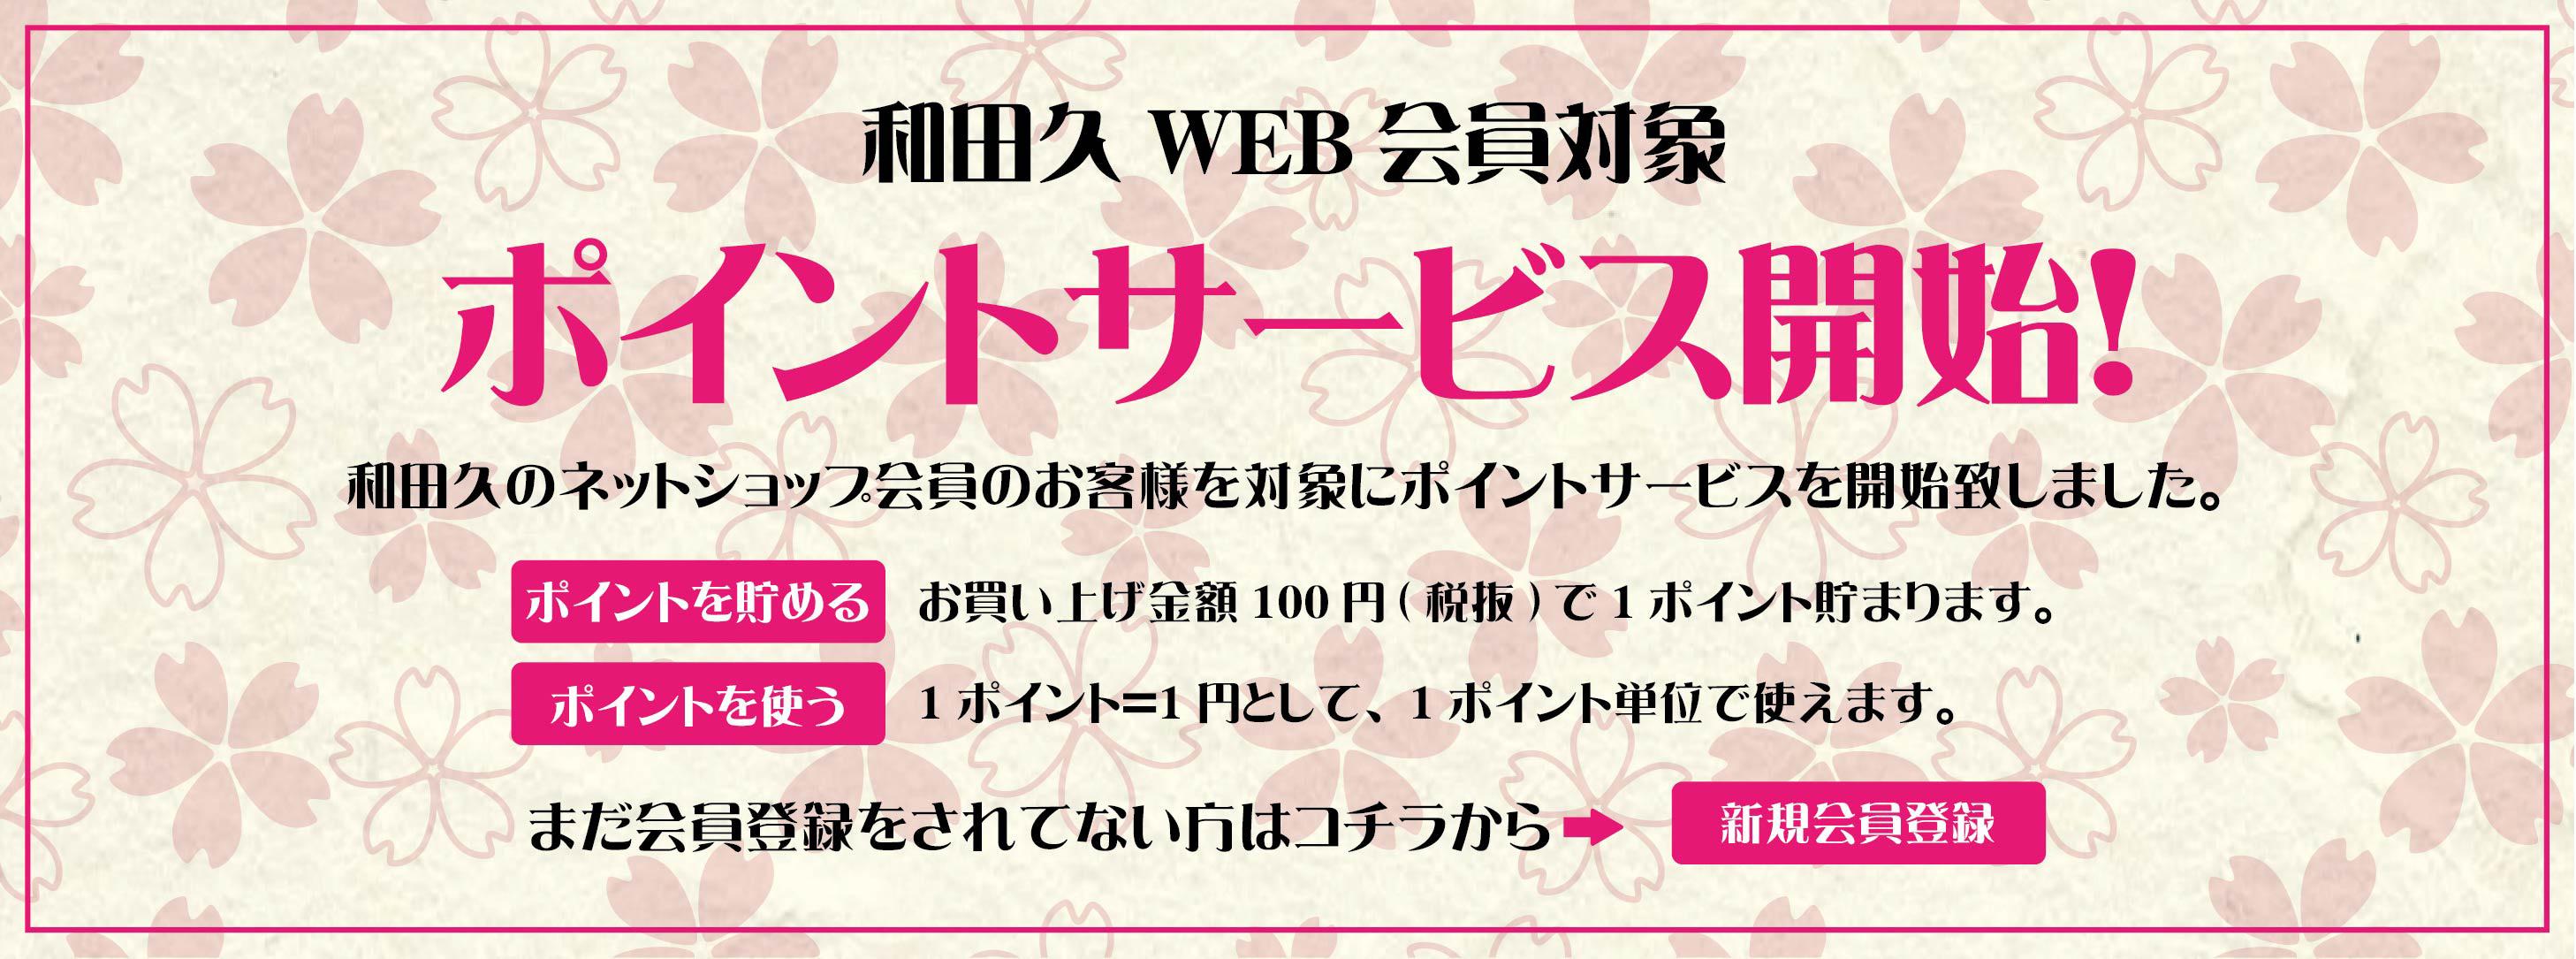 4月1日よりオンラインショップ、ポイントサービス開始